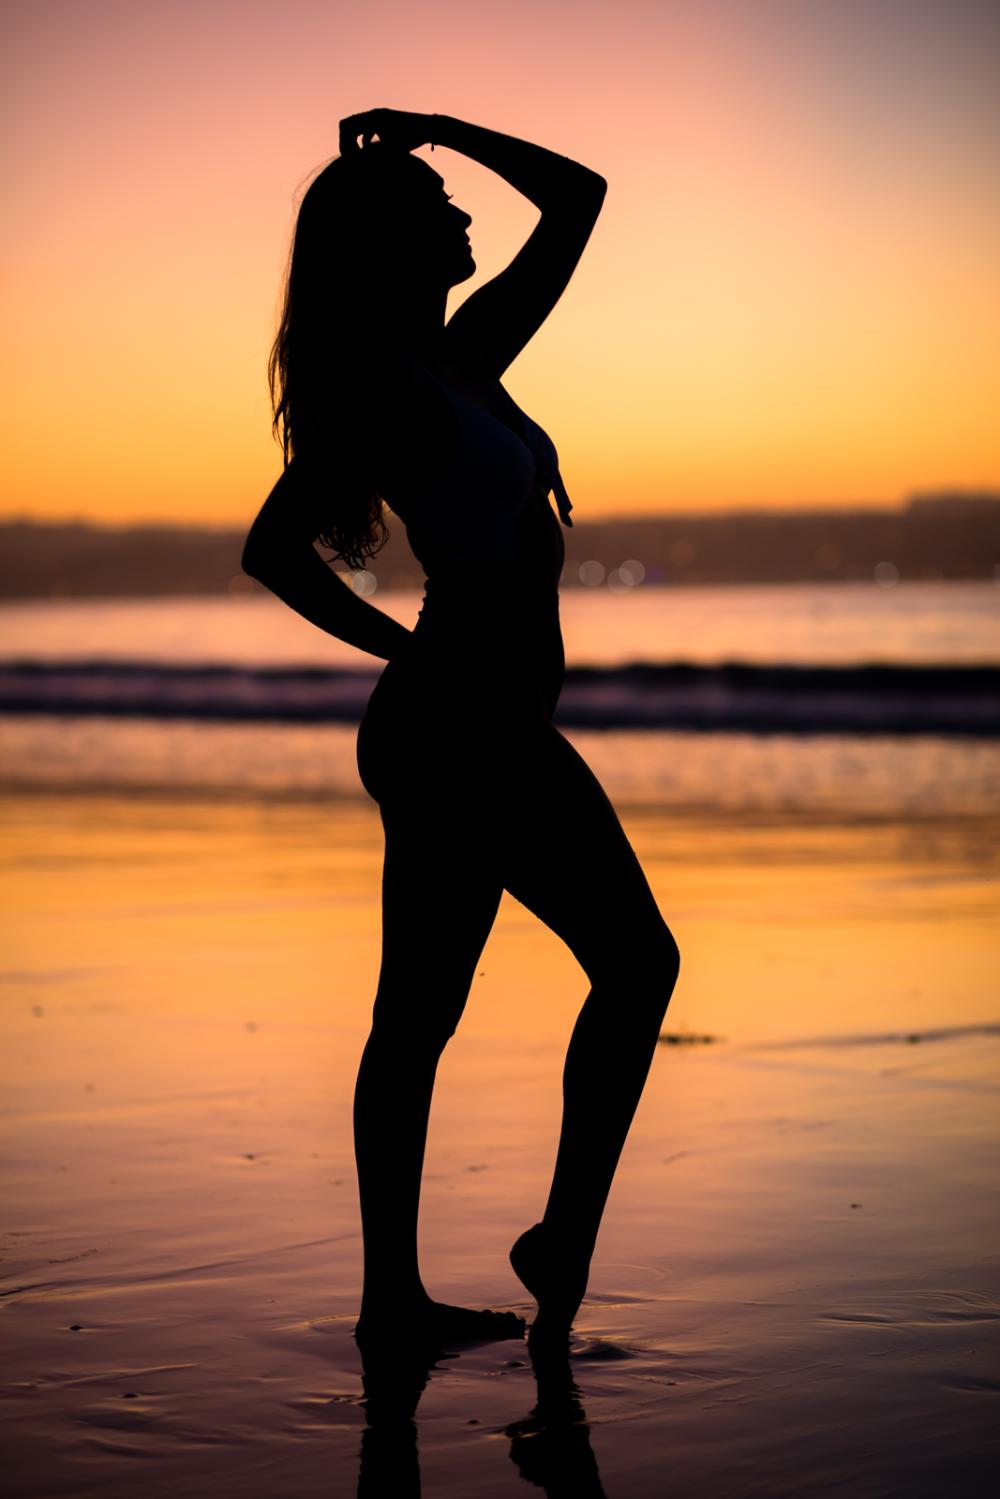 Puesta De Sol En La Playa De Mino Con Silvia Dani Vazquez Fotografia Puesta De Sol Playa Puestas De Sol Fotografia